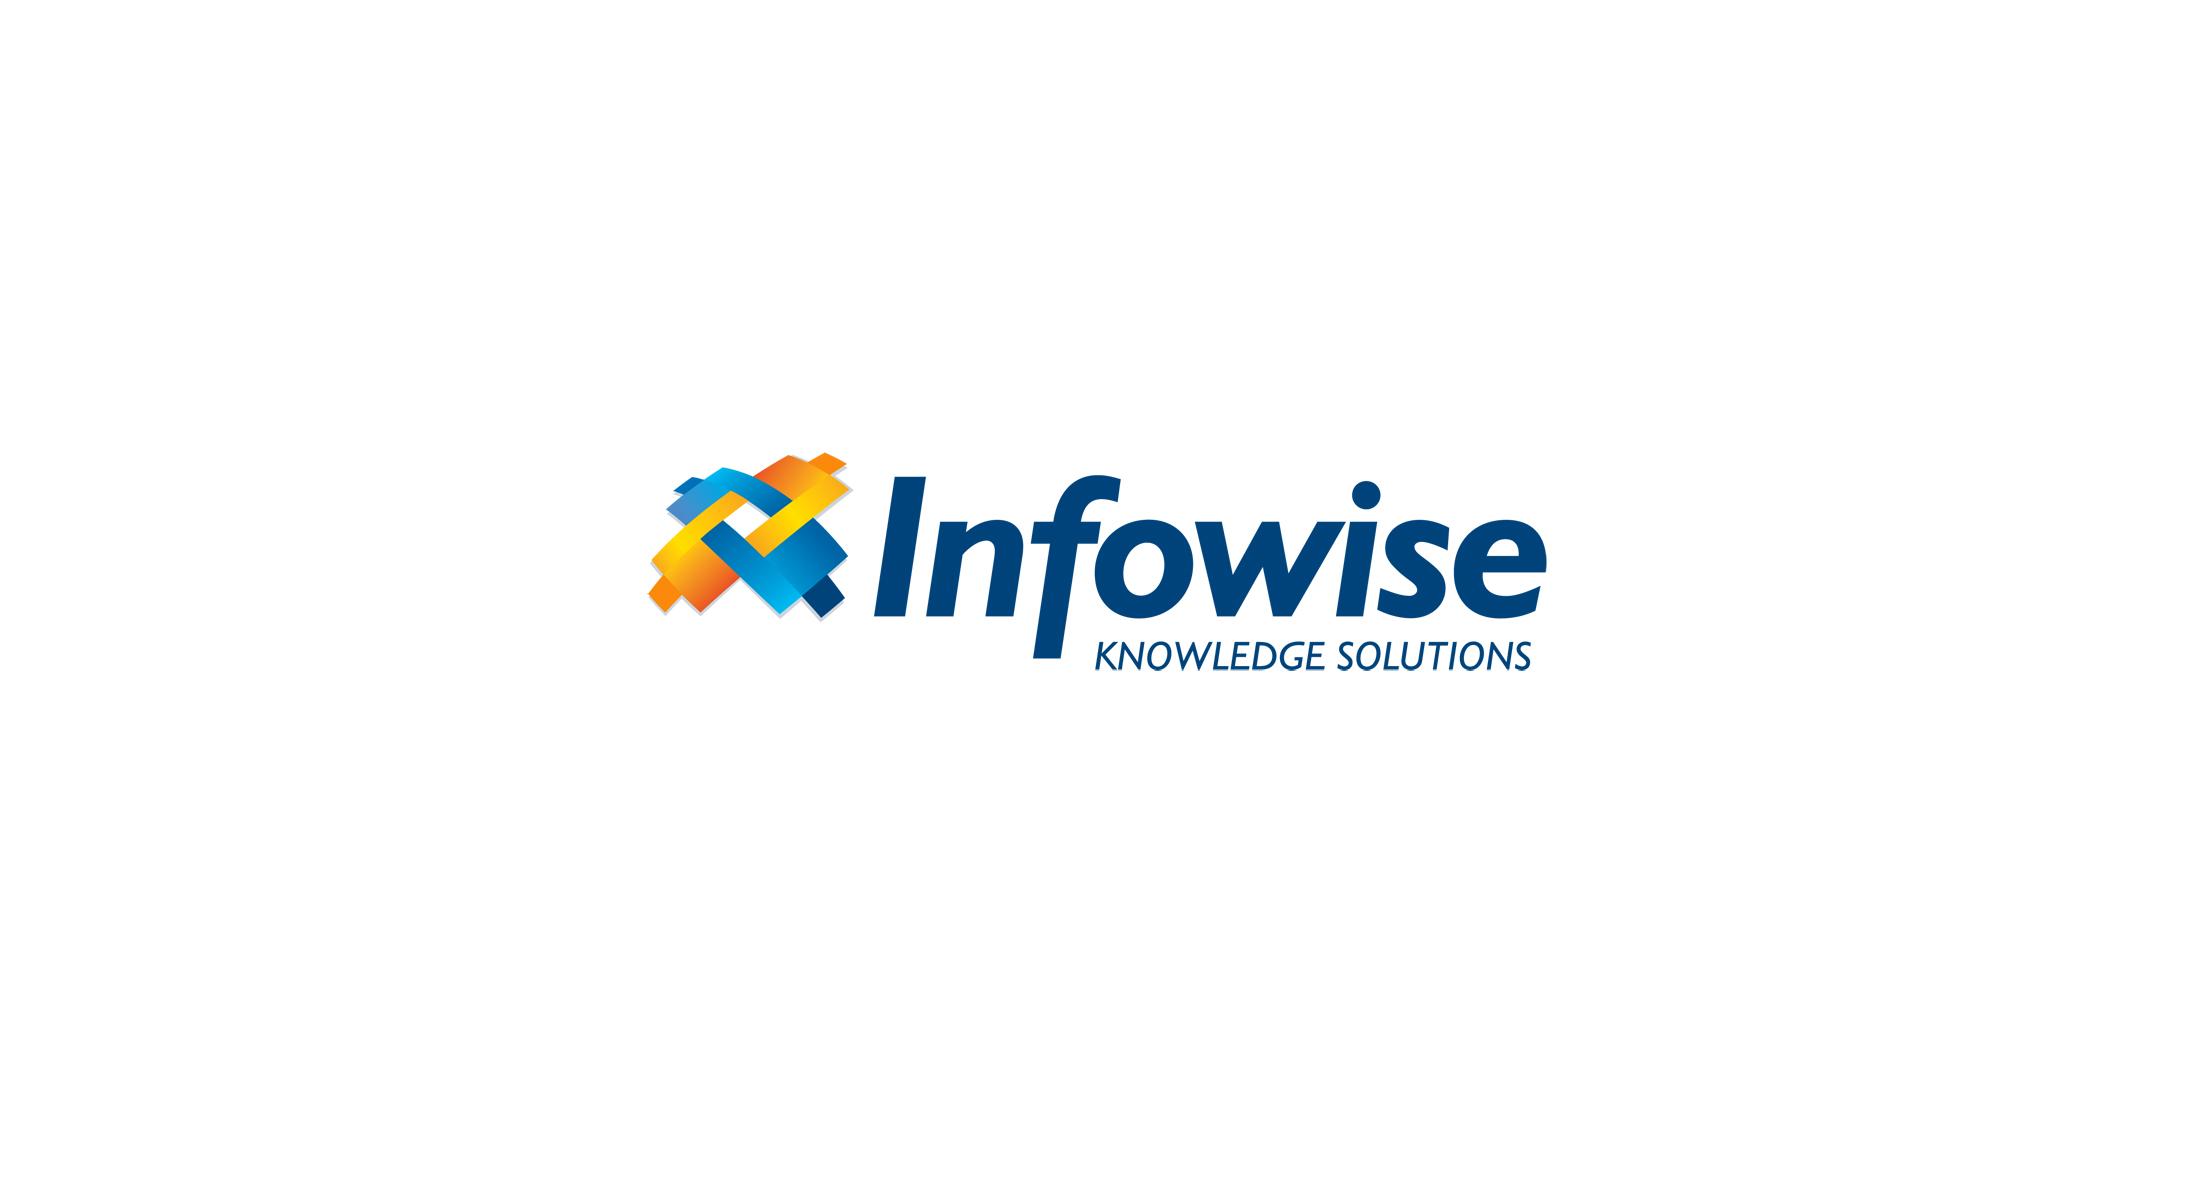 Infowise.jpg